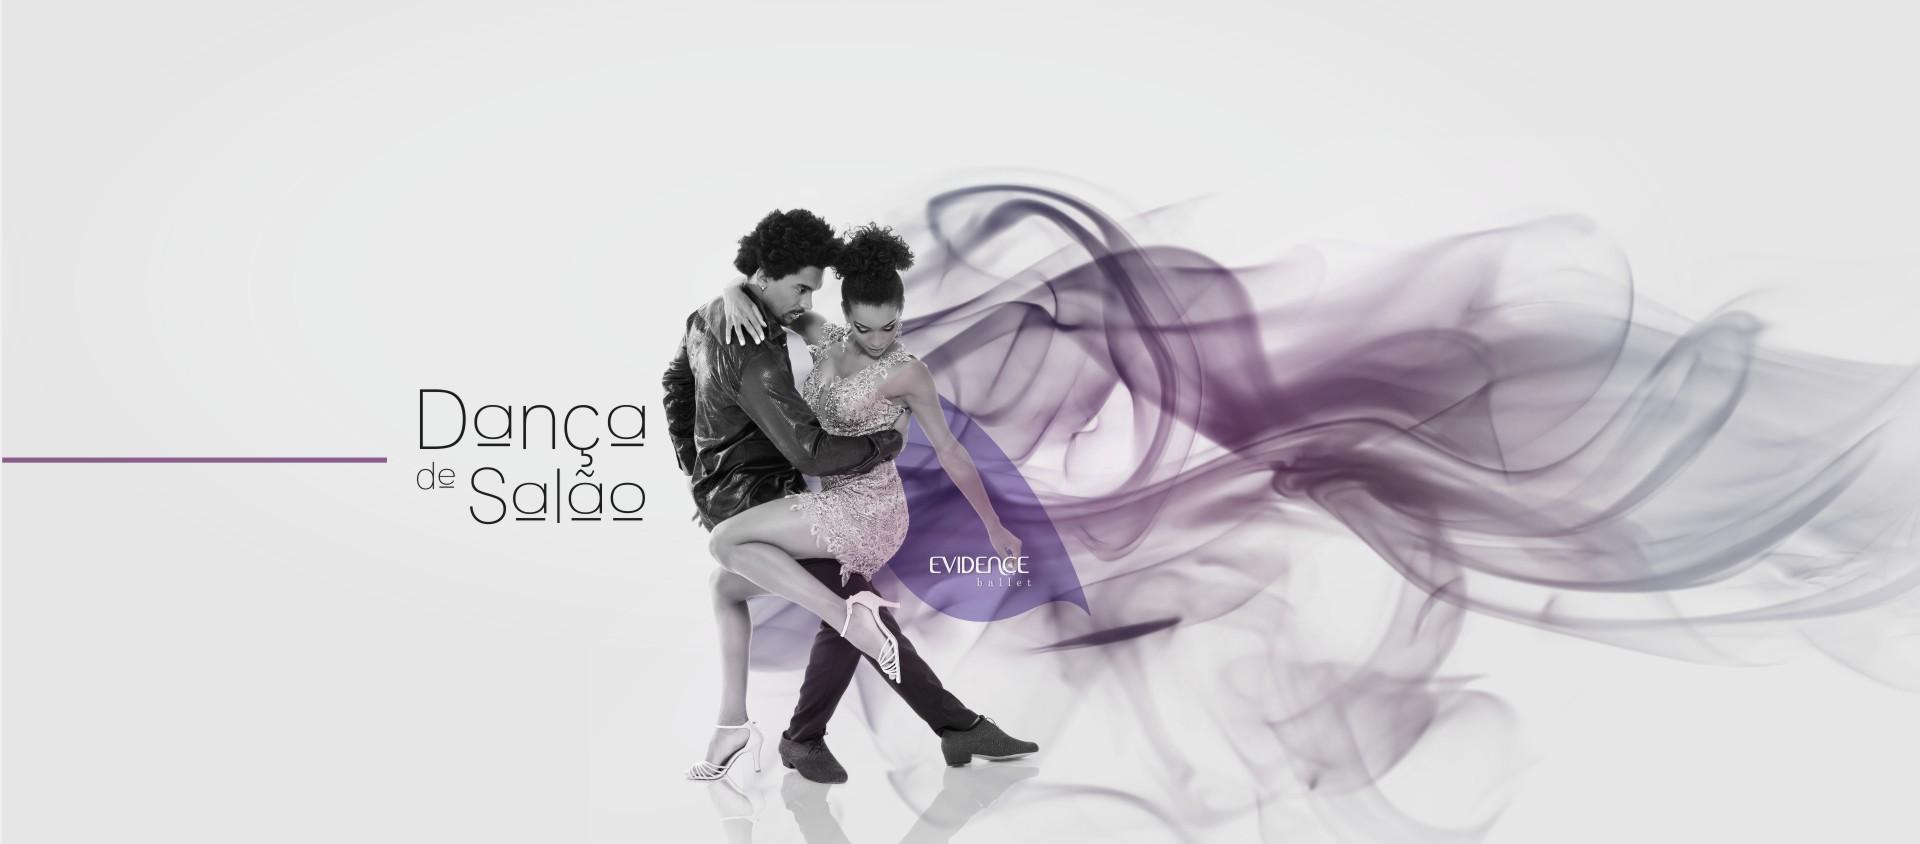 Evidence - Dança de Salão - Banners Site - 01